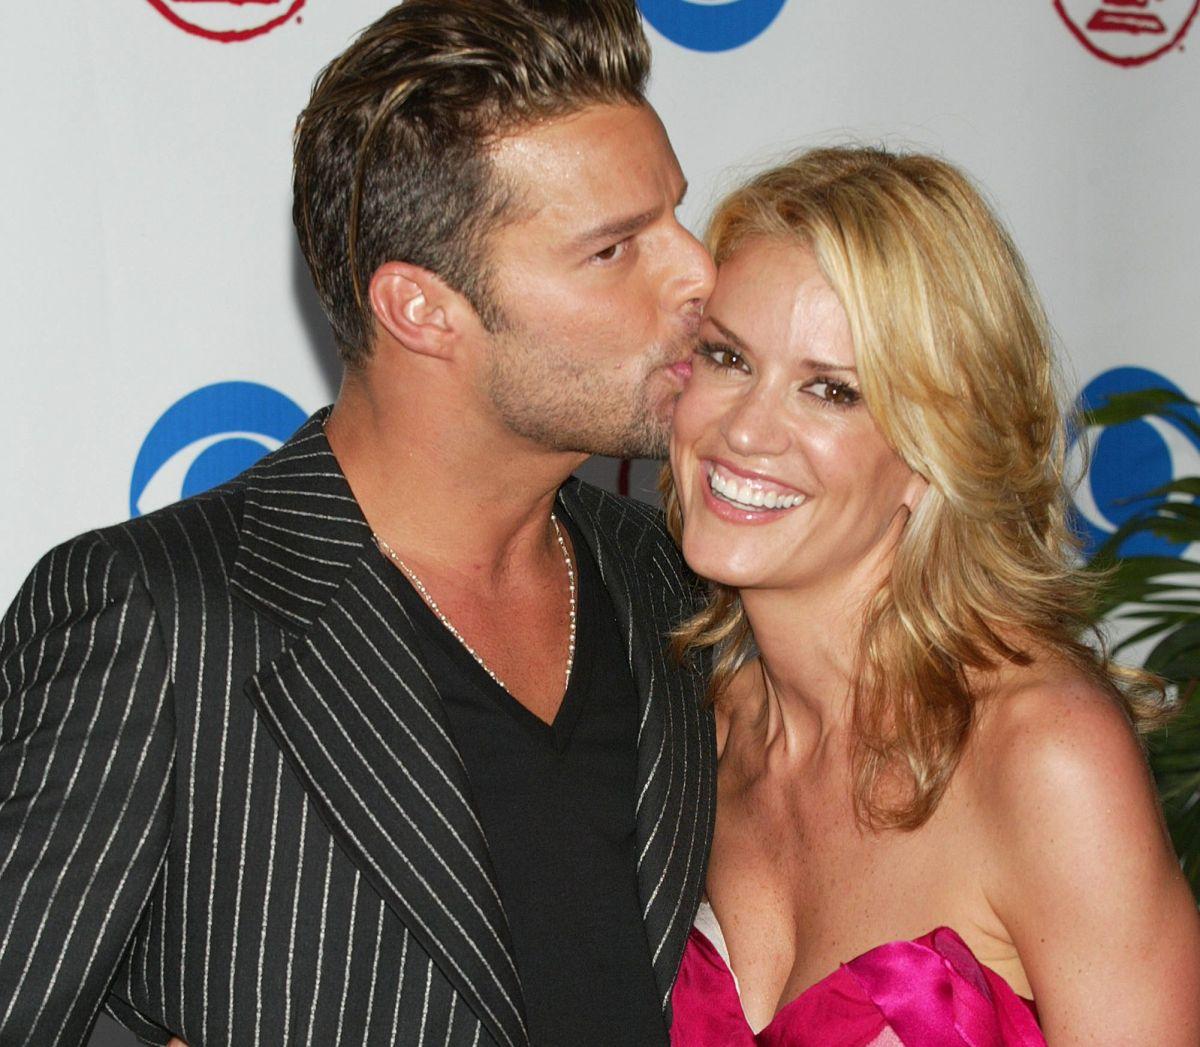 Ricky Martin asegura que siempre tuvo química con sus ex parejas: hombres y mujeres.